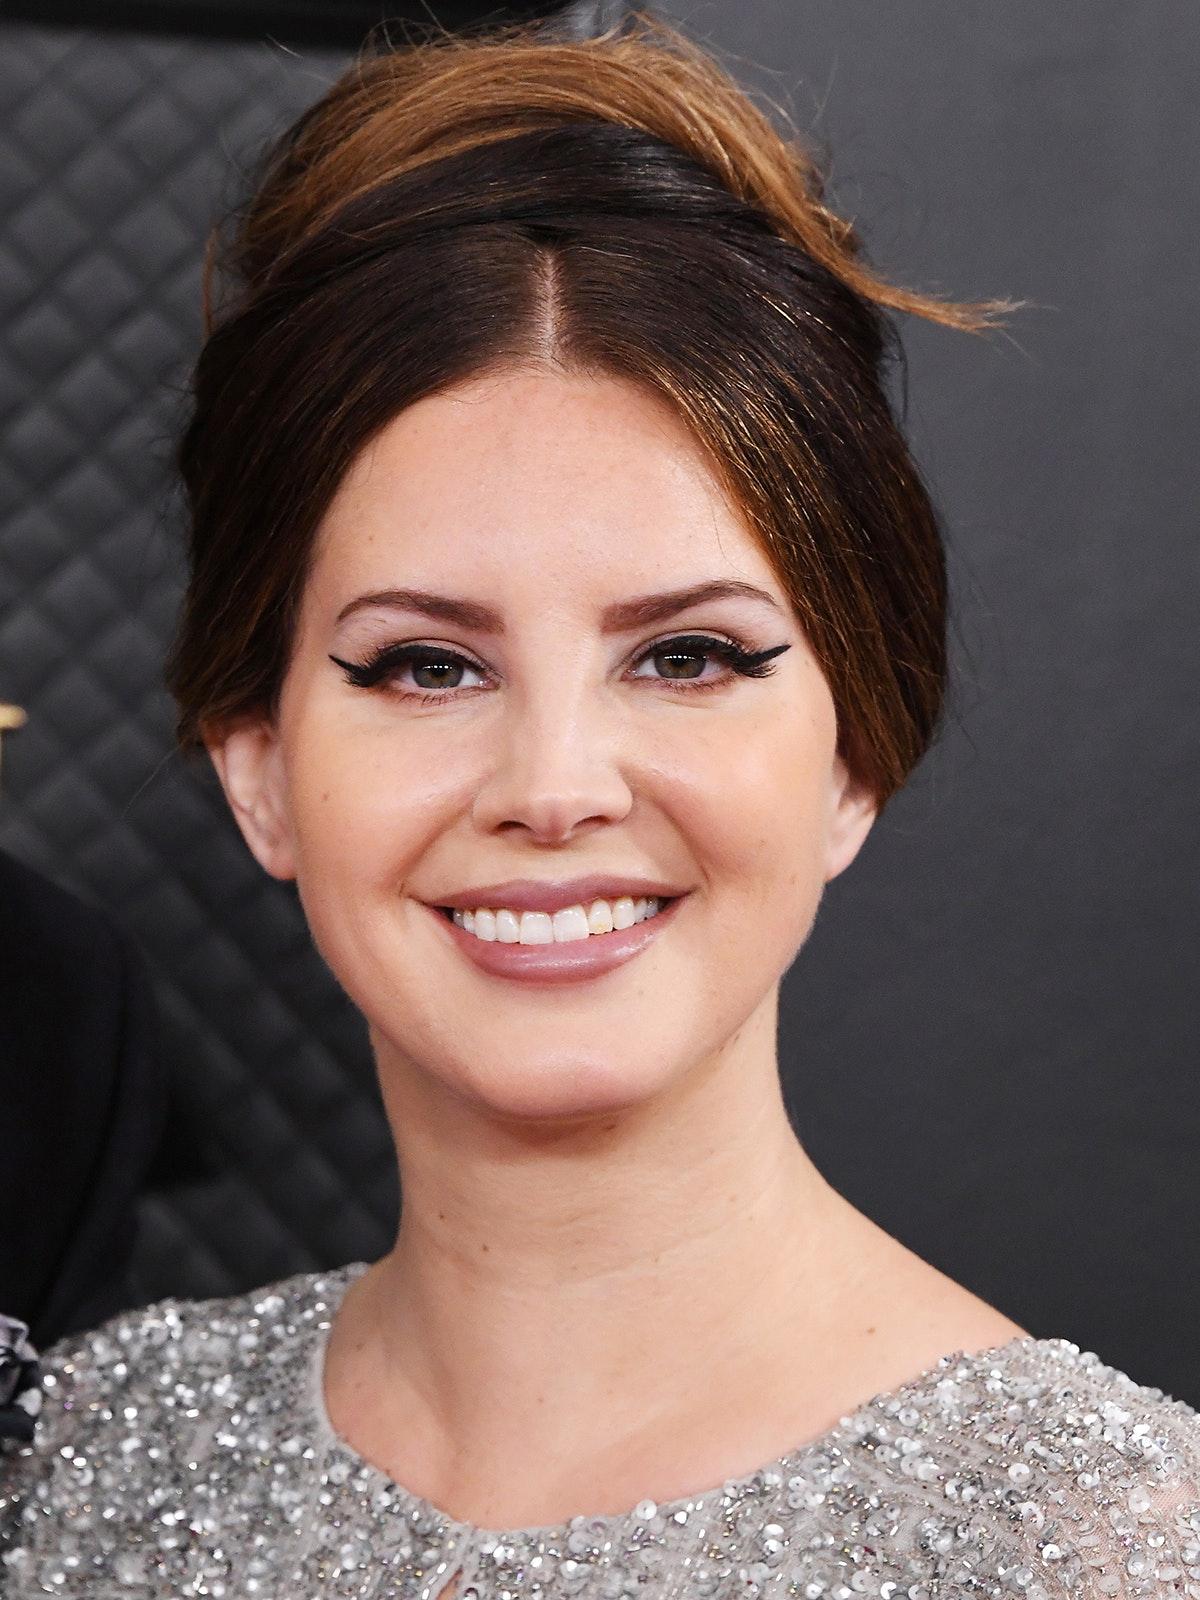 Lana Del Rey Best Beauty Looks GRAMMYs 2020